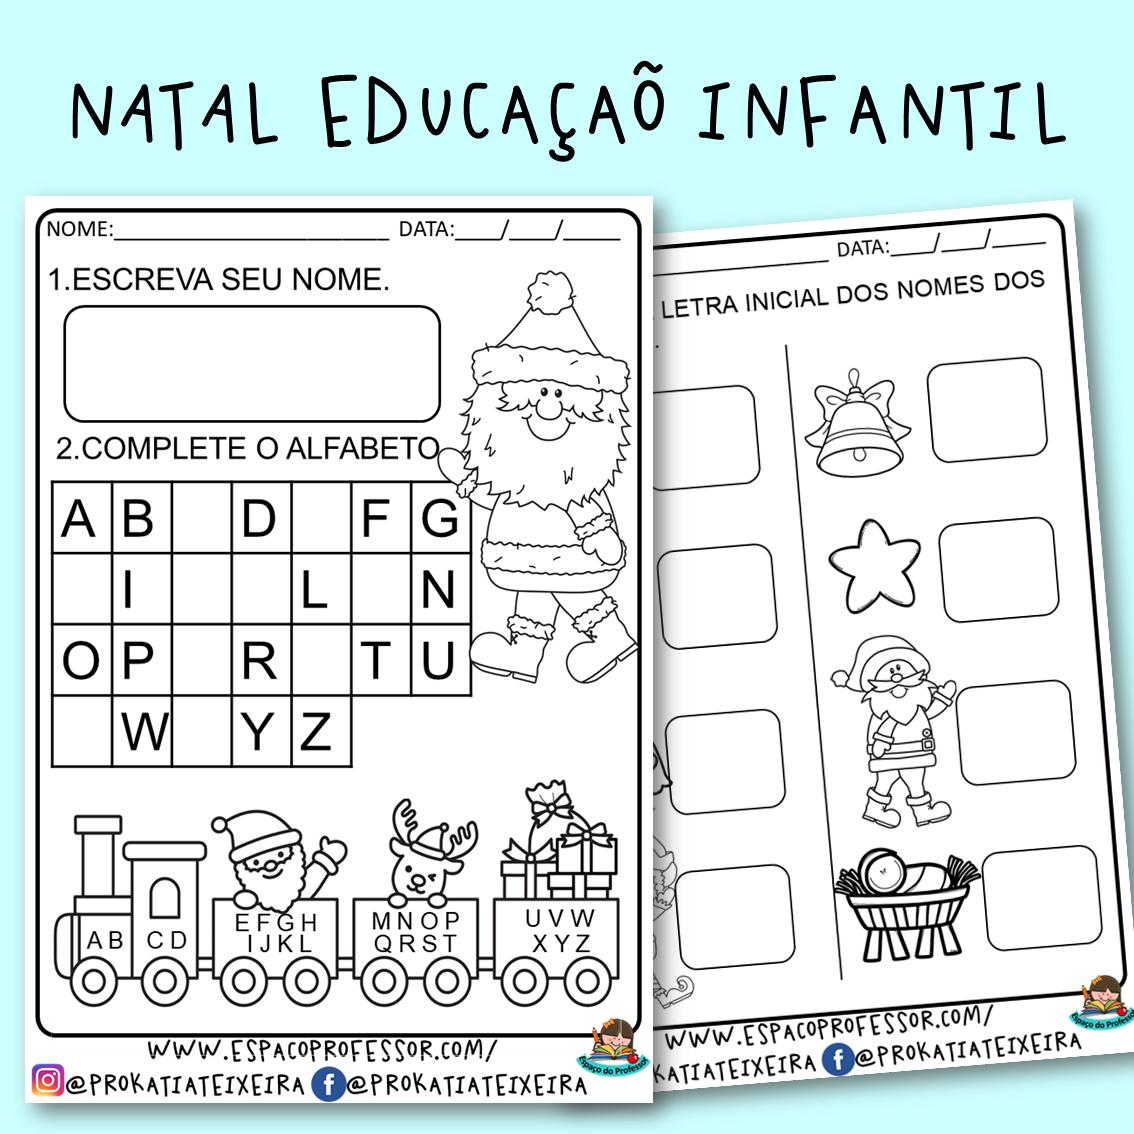 Atividades de alfabetização educação infantil Natal PDF